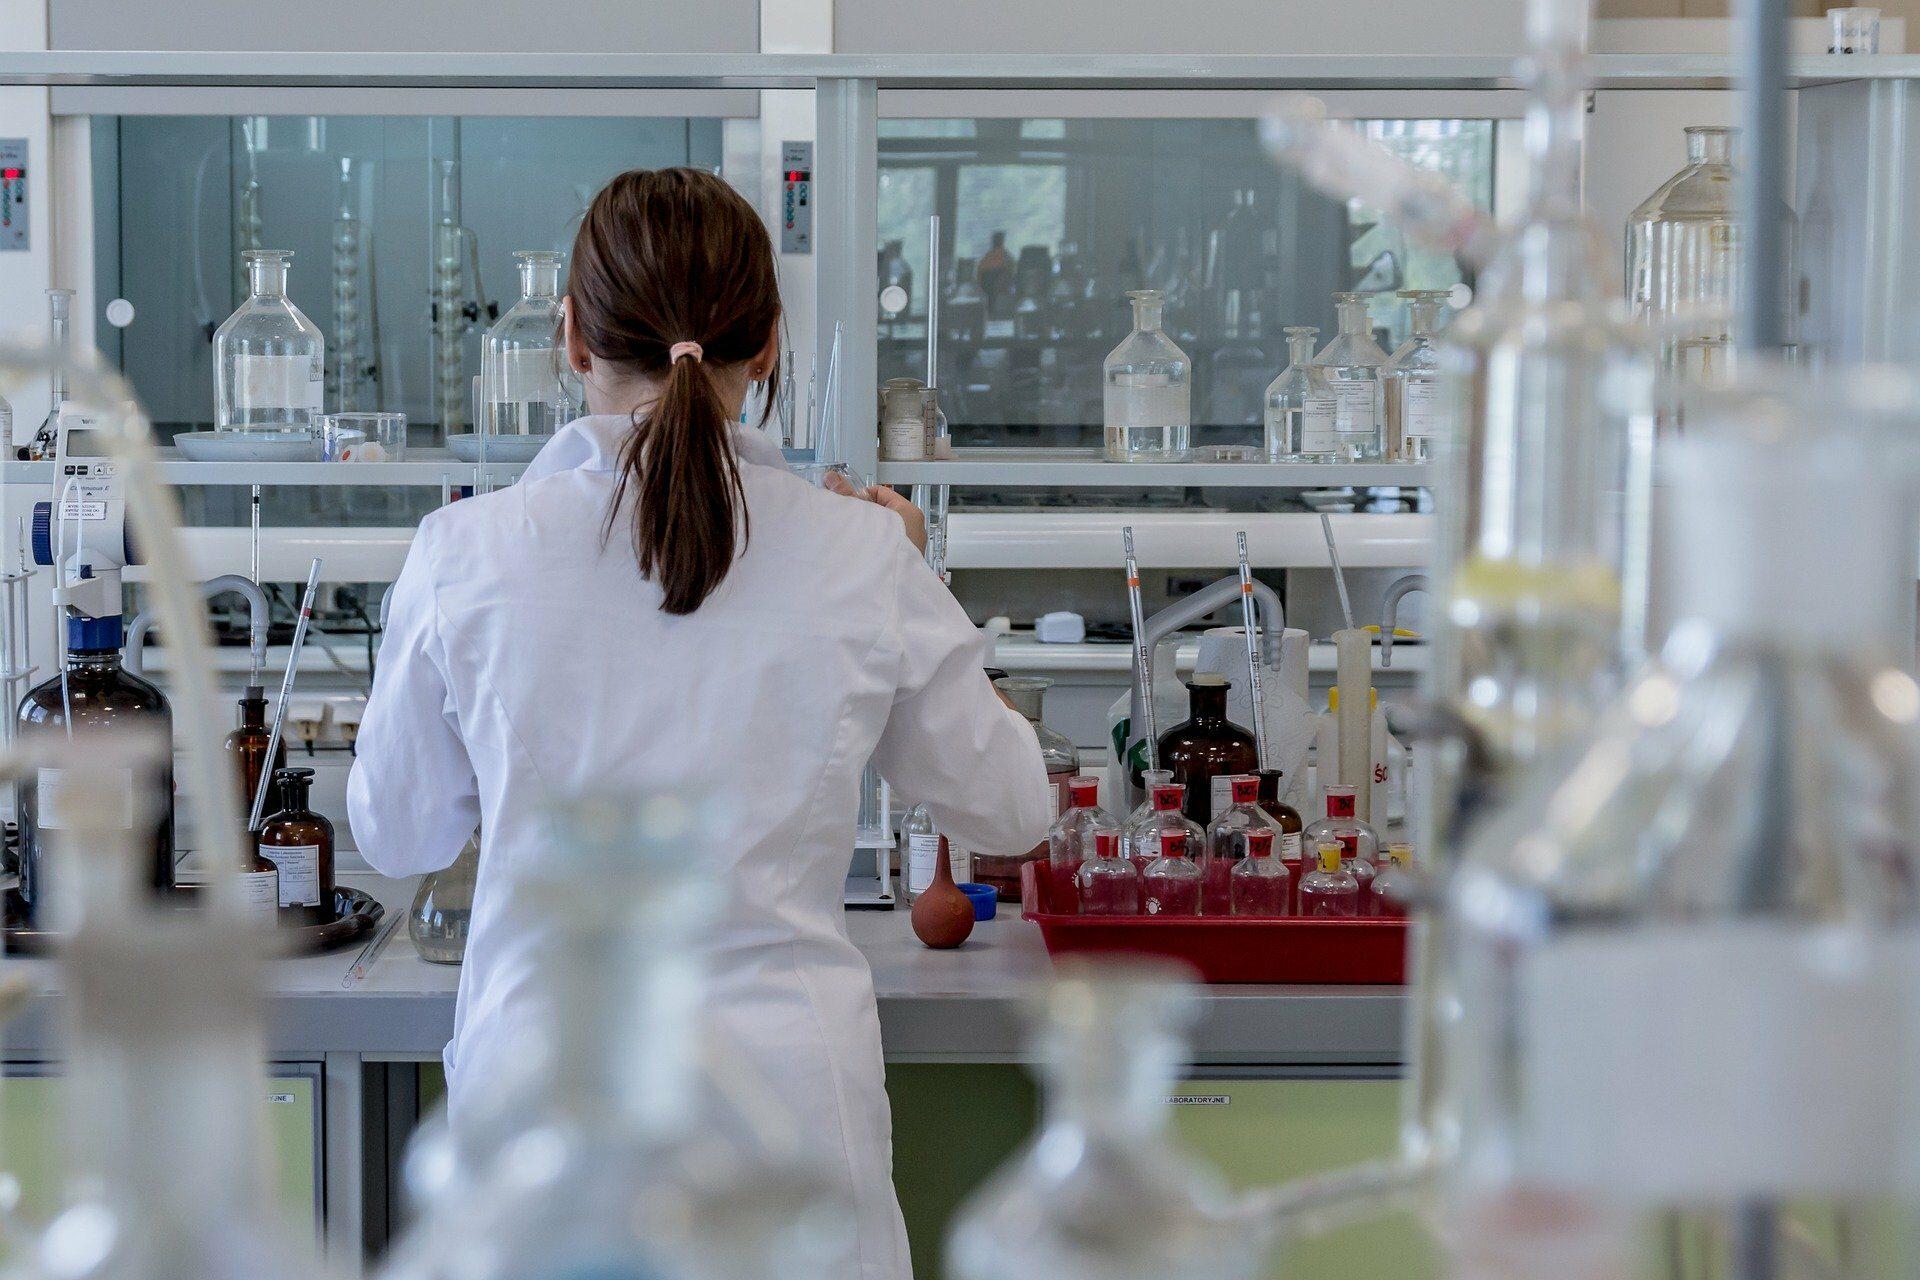 สหรัฐทุ่ม2.3พันล้านพัฒนายาโควิด ตั้งเป้าค้นหายาป้องกันการระบาดใหญ่ในอนาคต